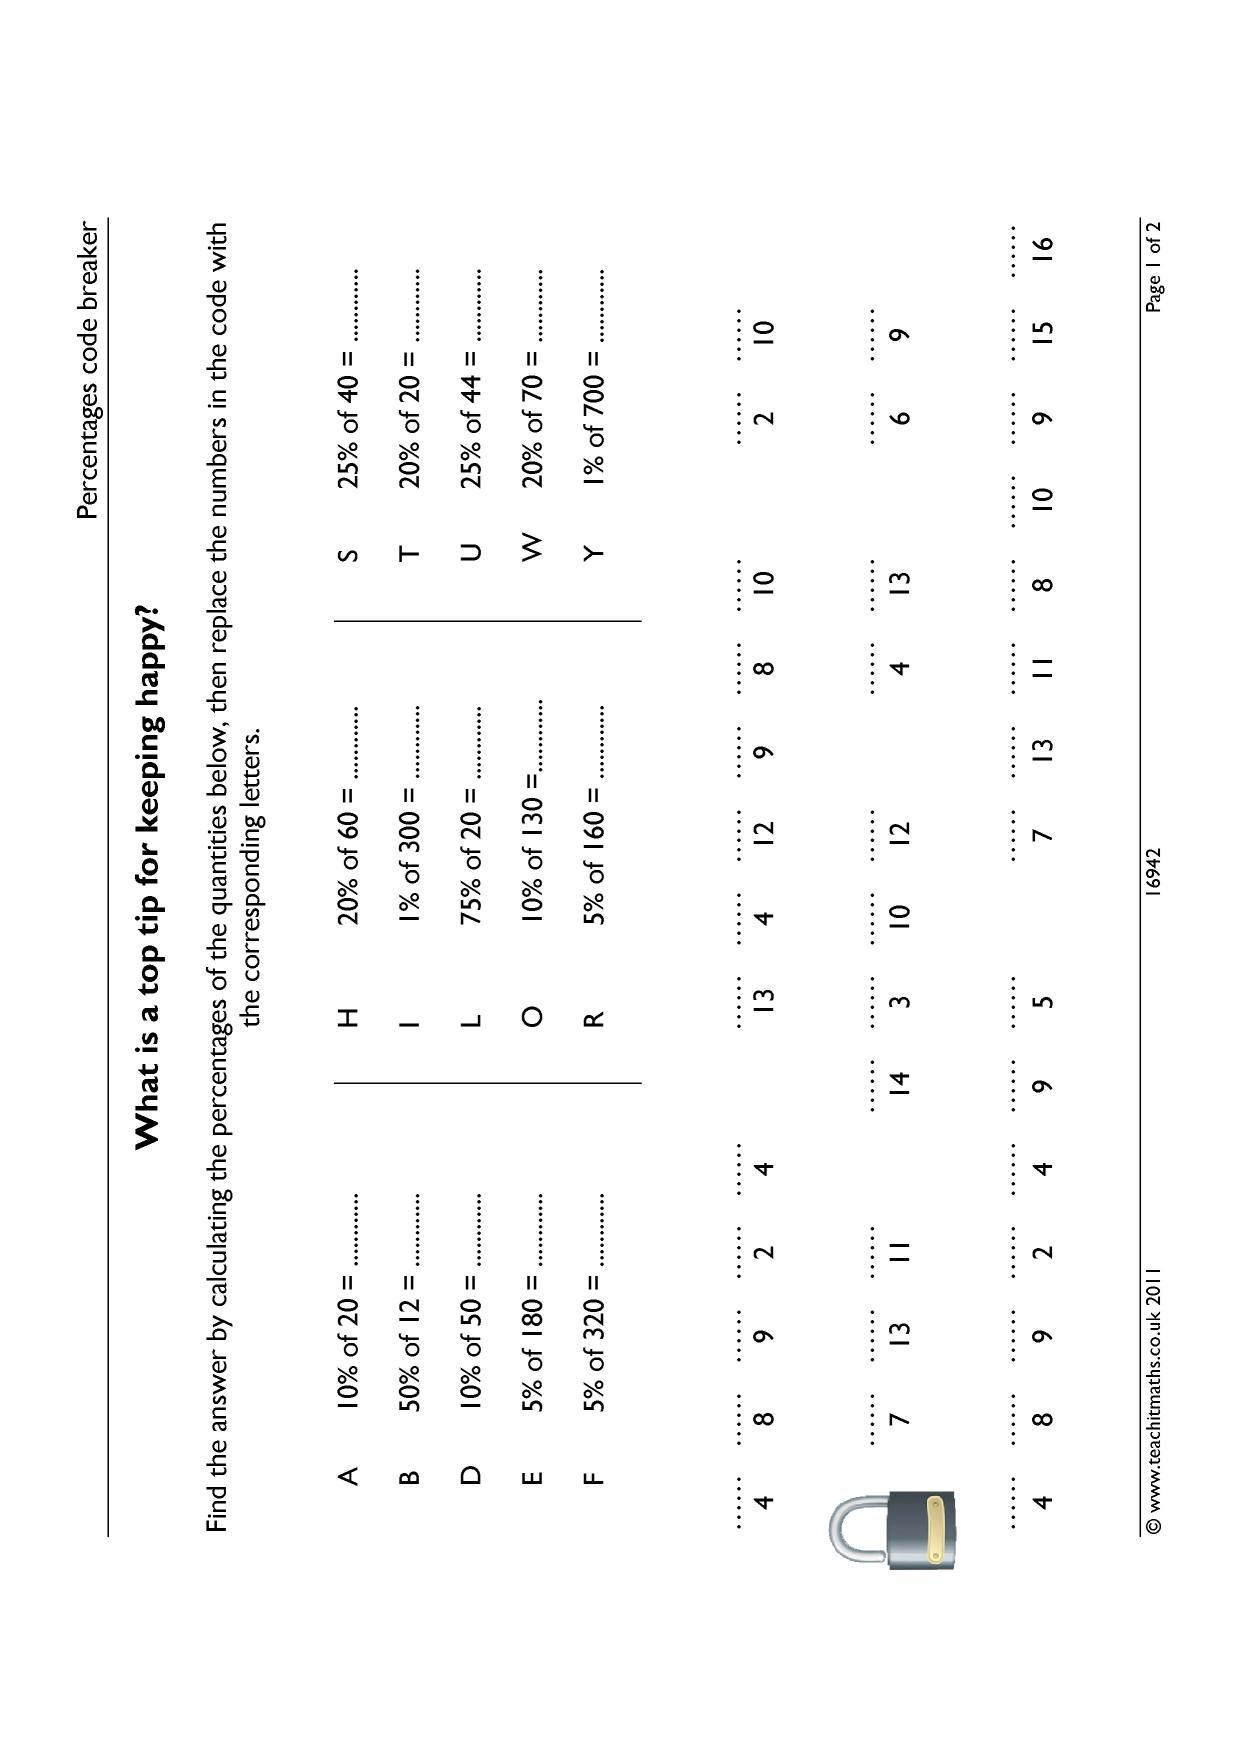 Percentages code breaker - Number - Percentages